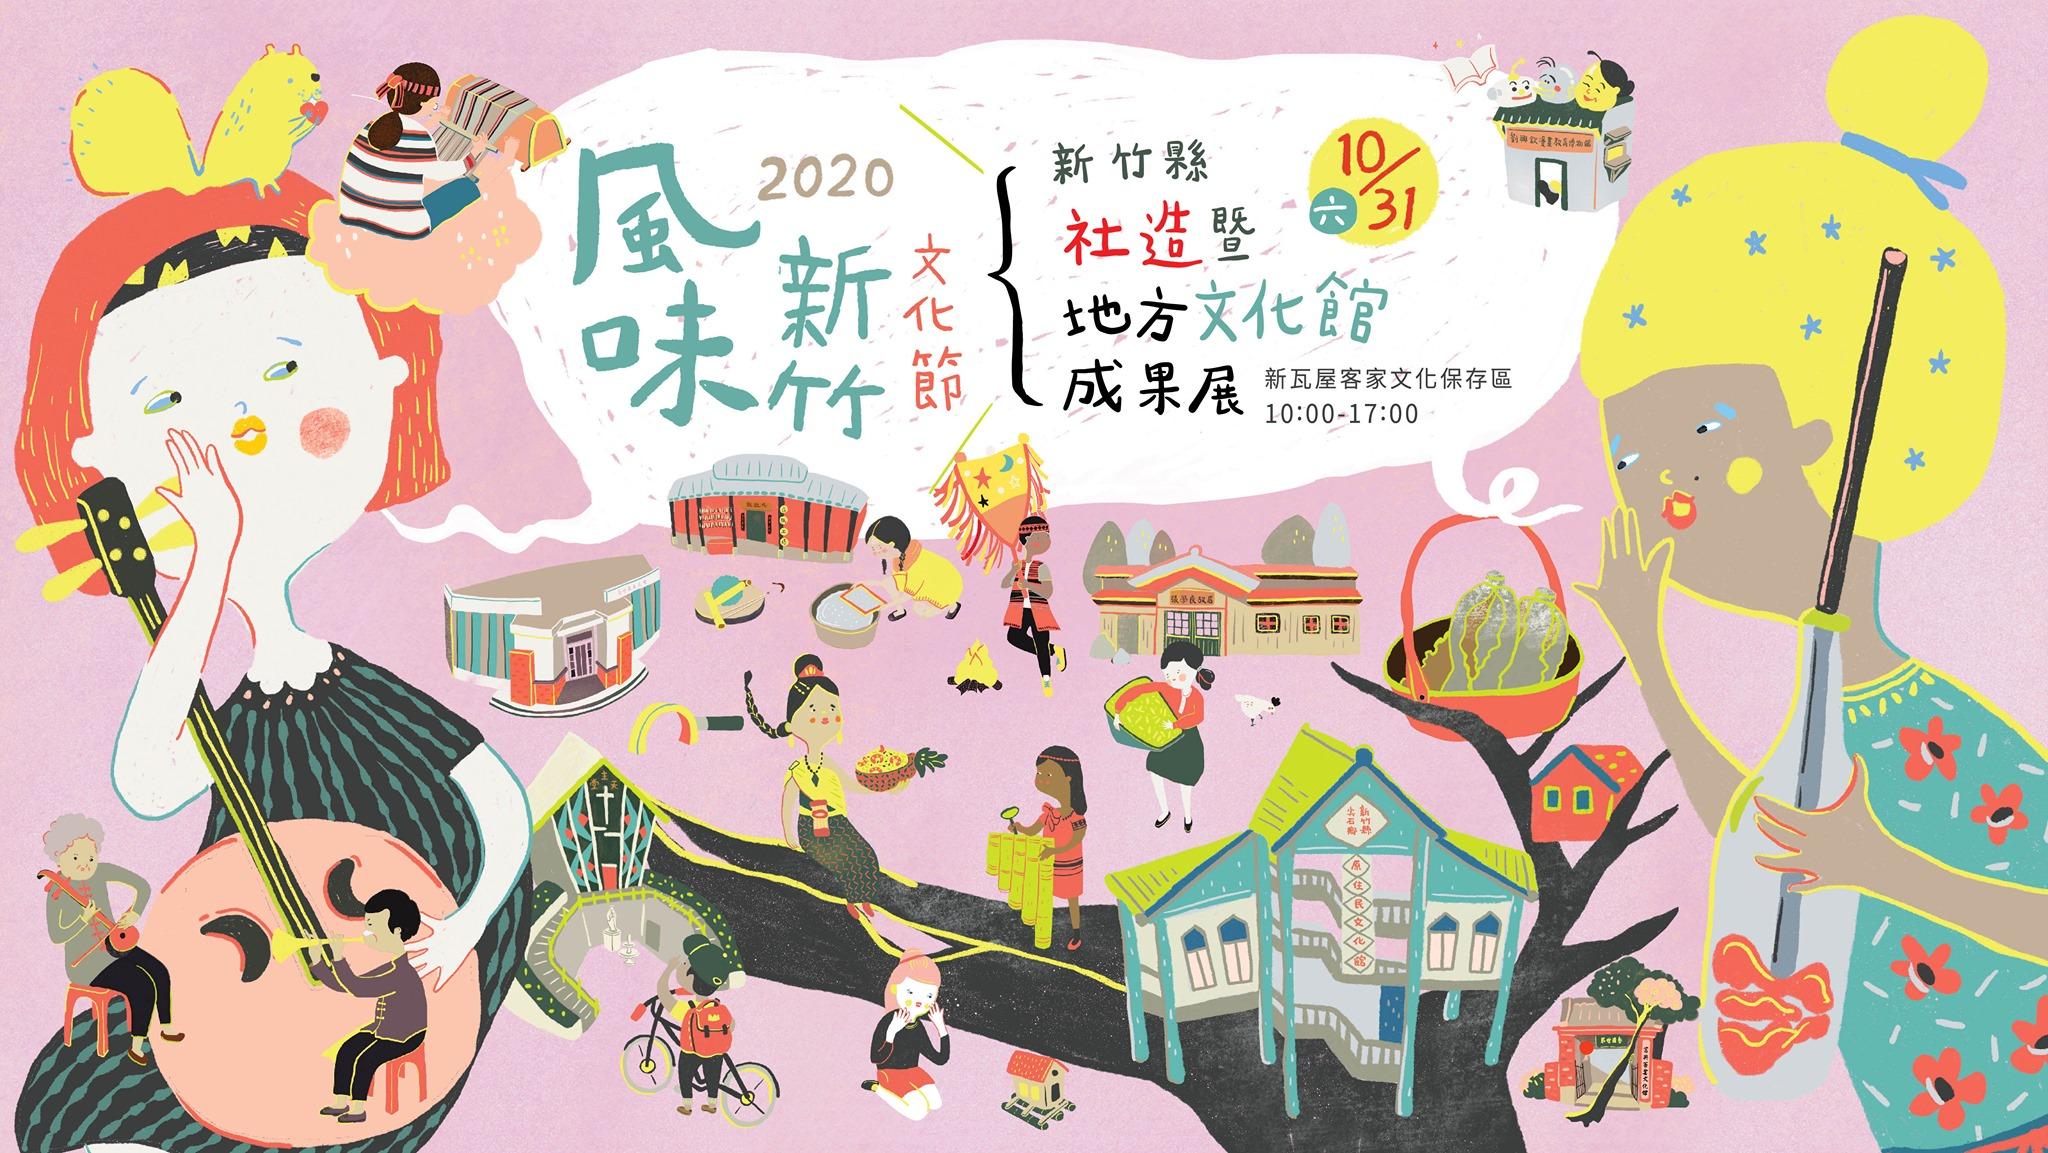 新竹縣社造成果展,跨族群文化交流的盛會